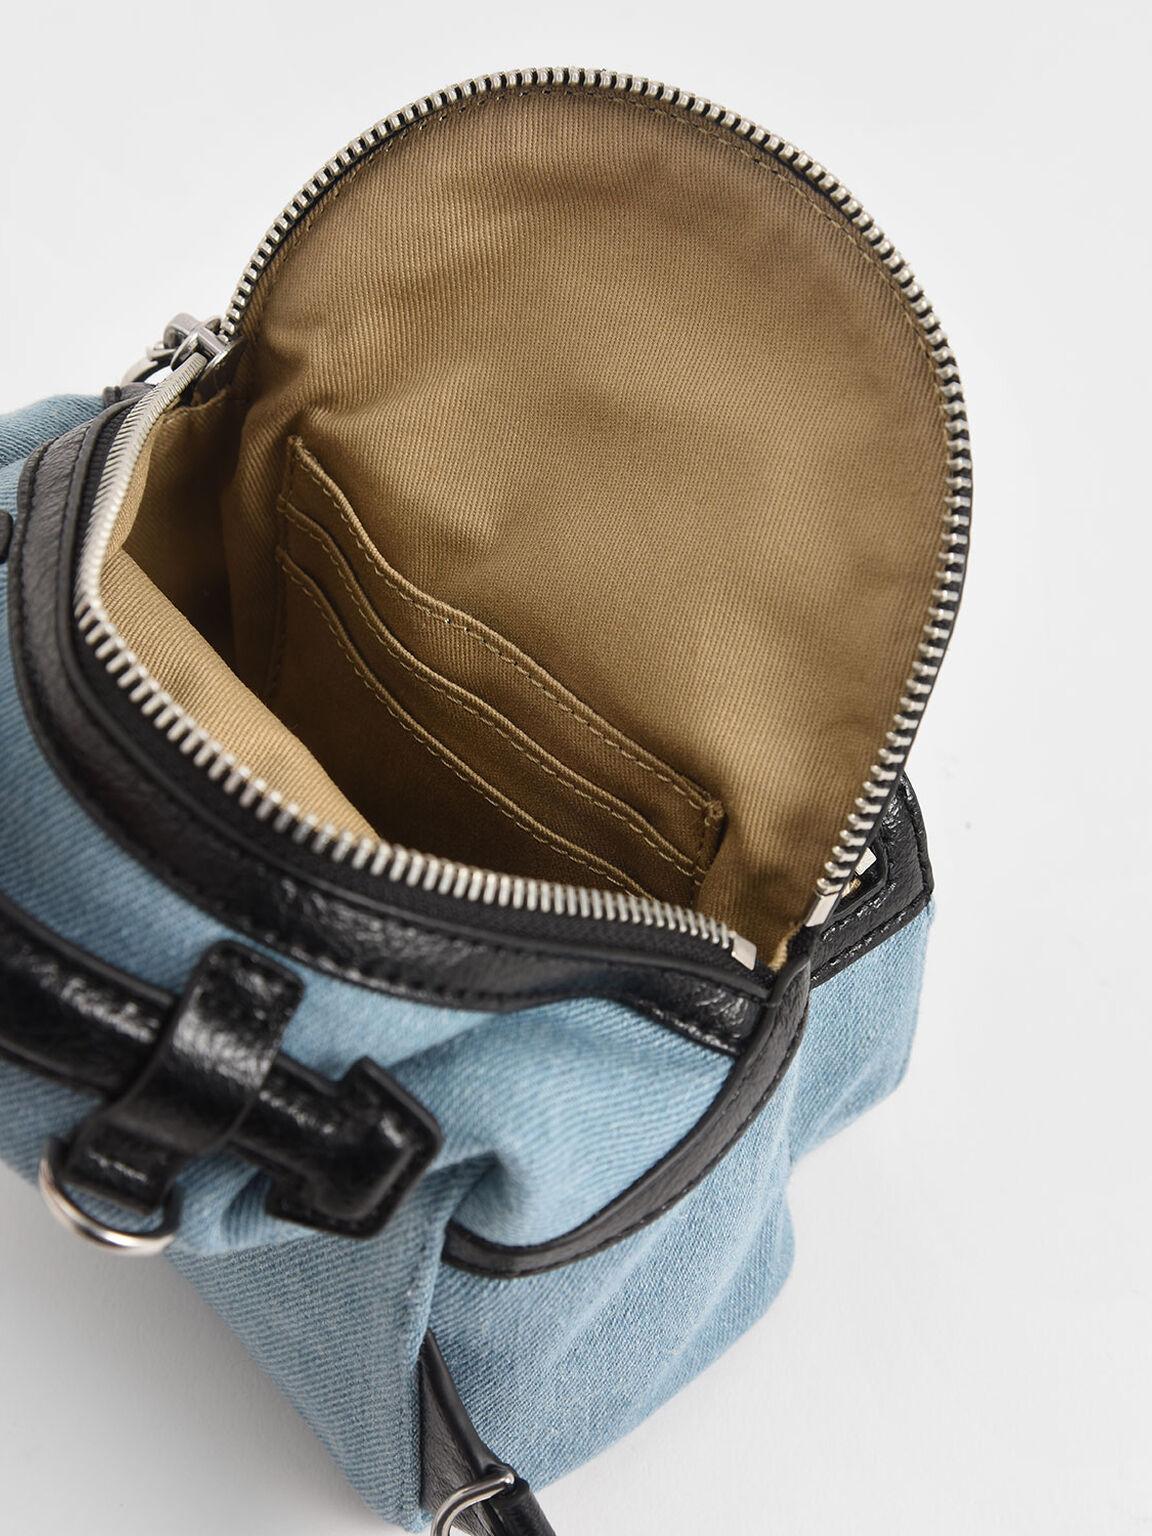 小型拉鍊後背包, 丹寧藍, hi-res